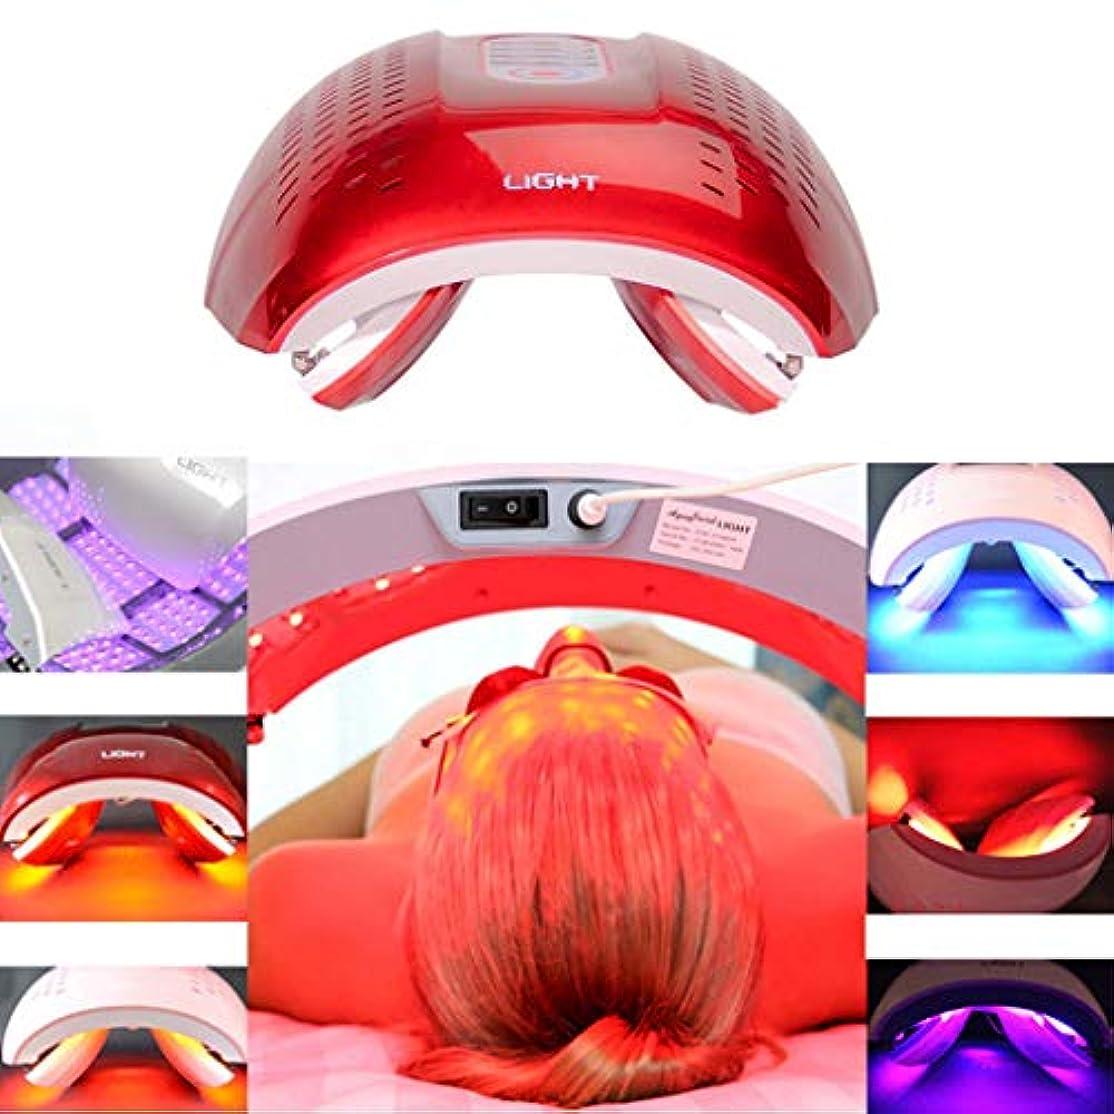 アンテナ顔料思い出LED光子の顔の若返りの美の器械、4色PDTの分光計、肌の引き締め美白の強化,Red